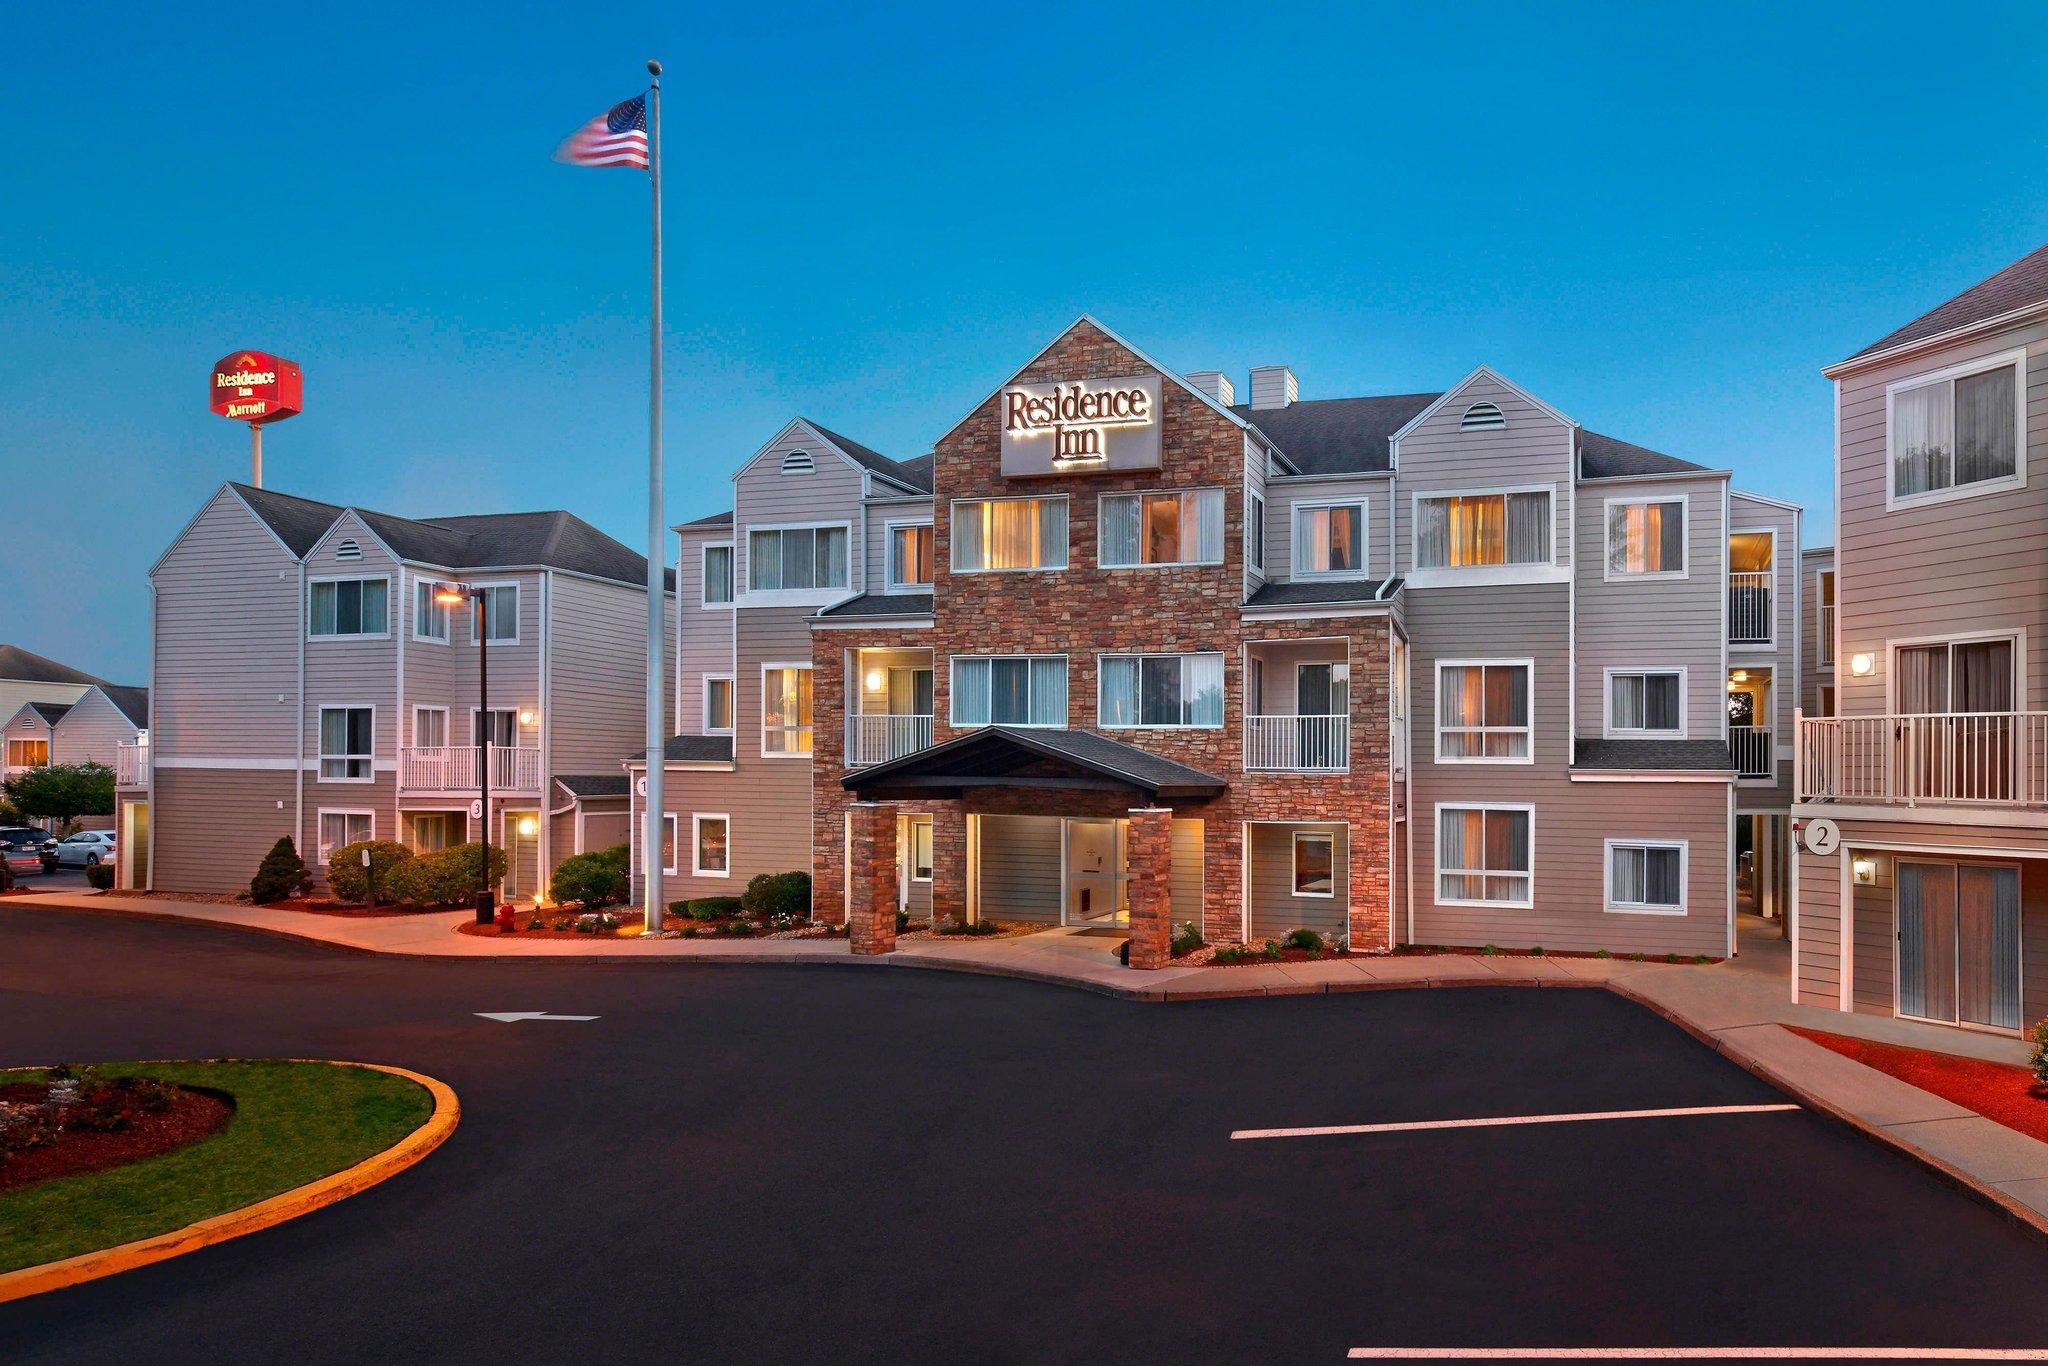 Residence Inn by Marriott Boston